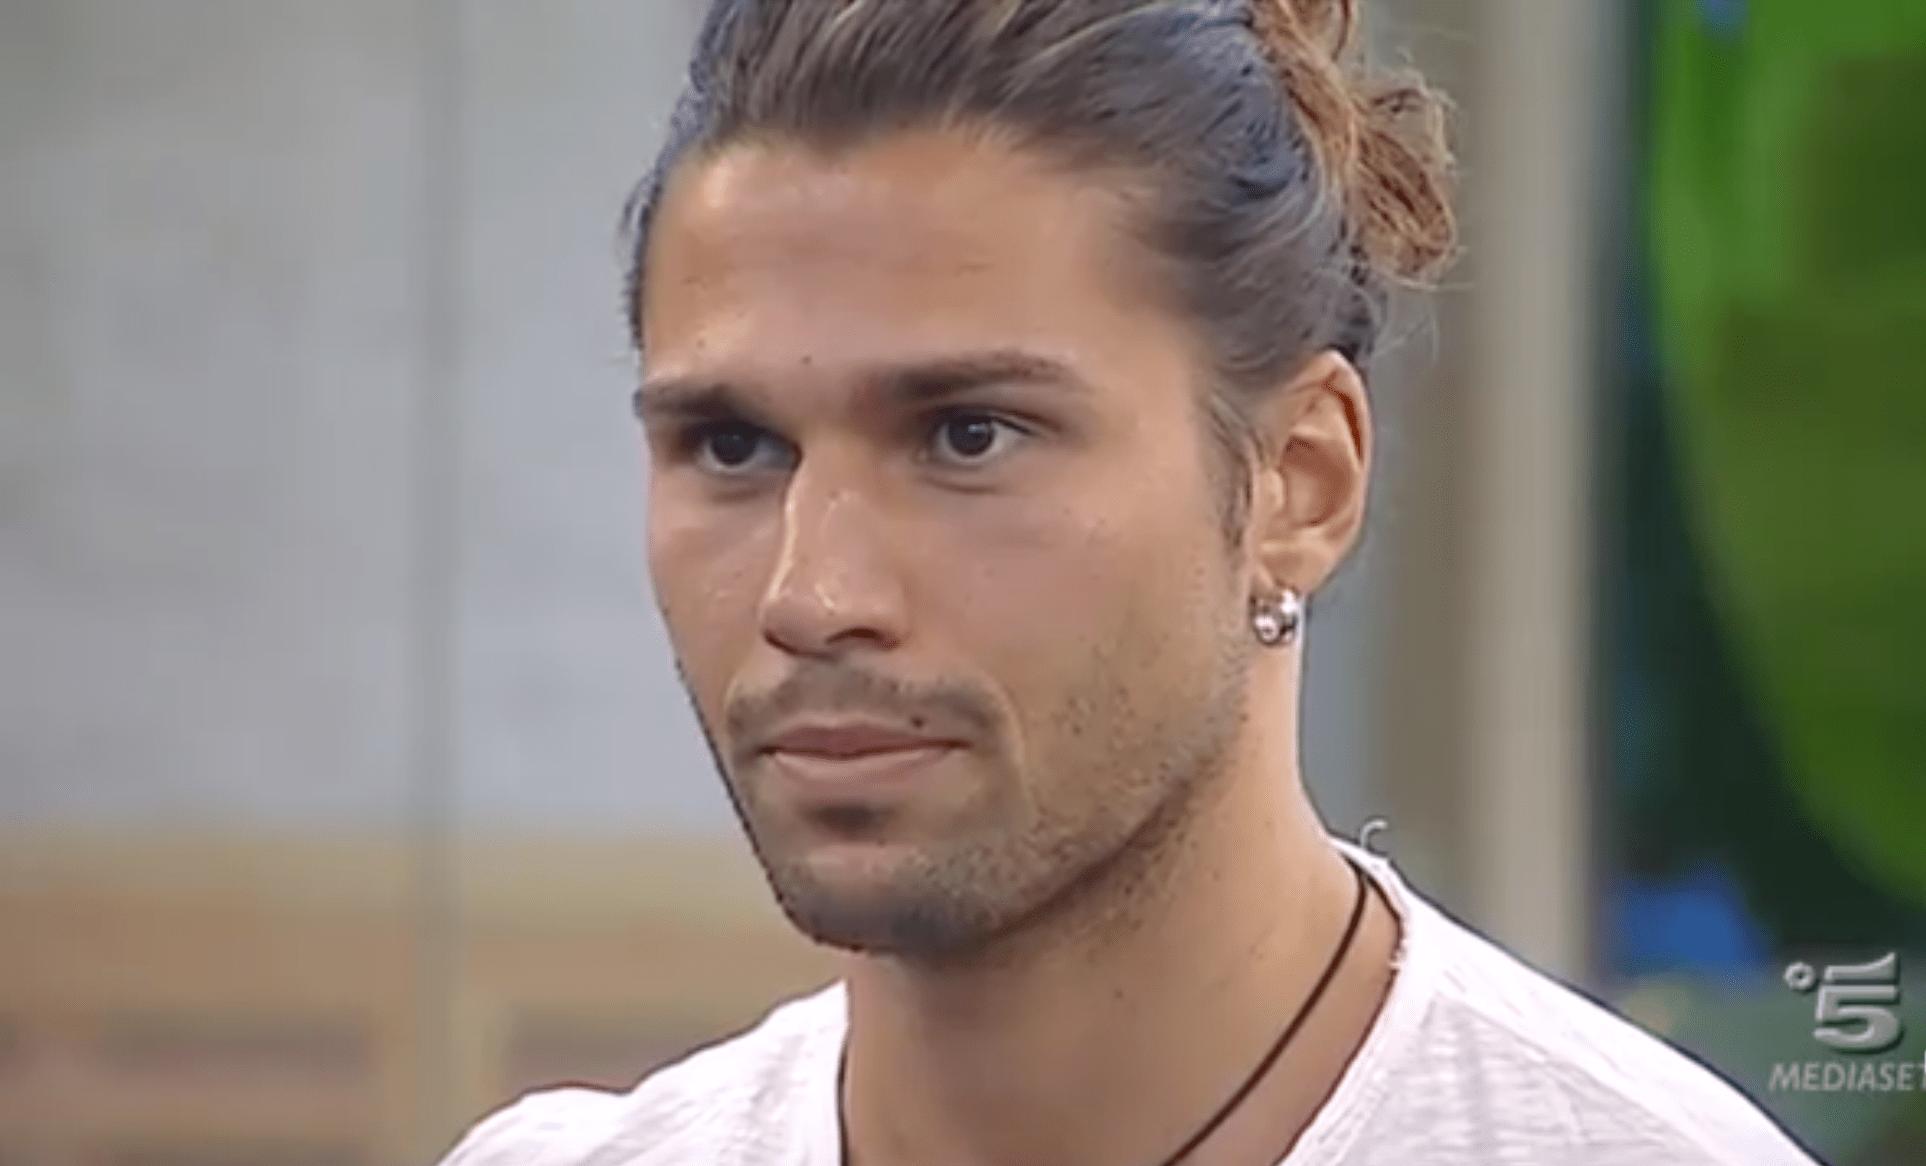 Grande Fratello Vip 2, Luca Onestini non ha bestemmiato: la conferma del programma